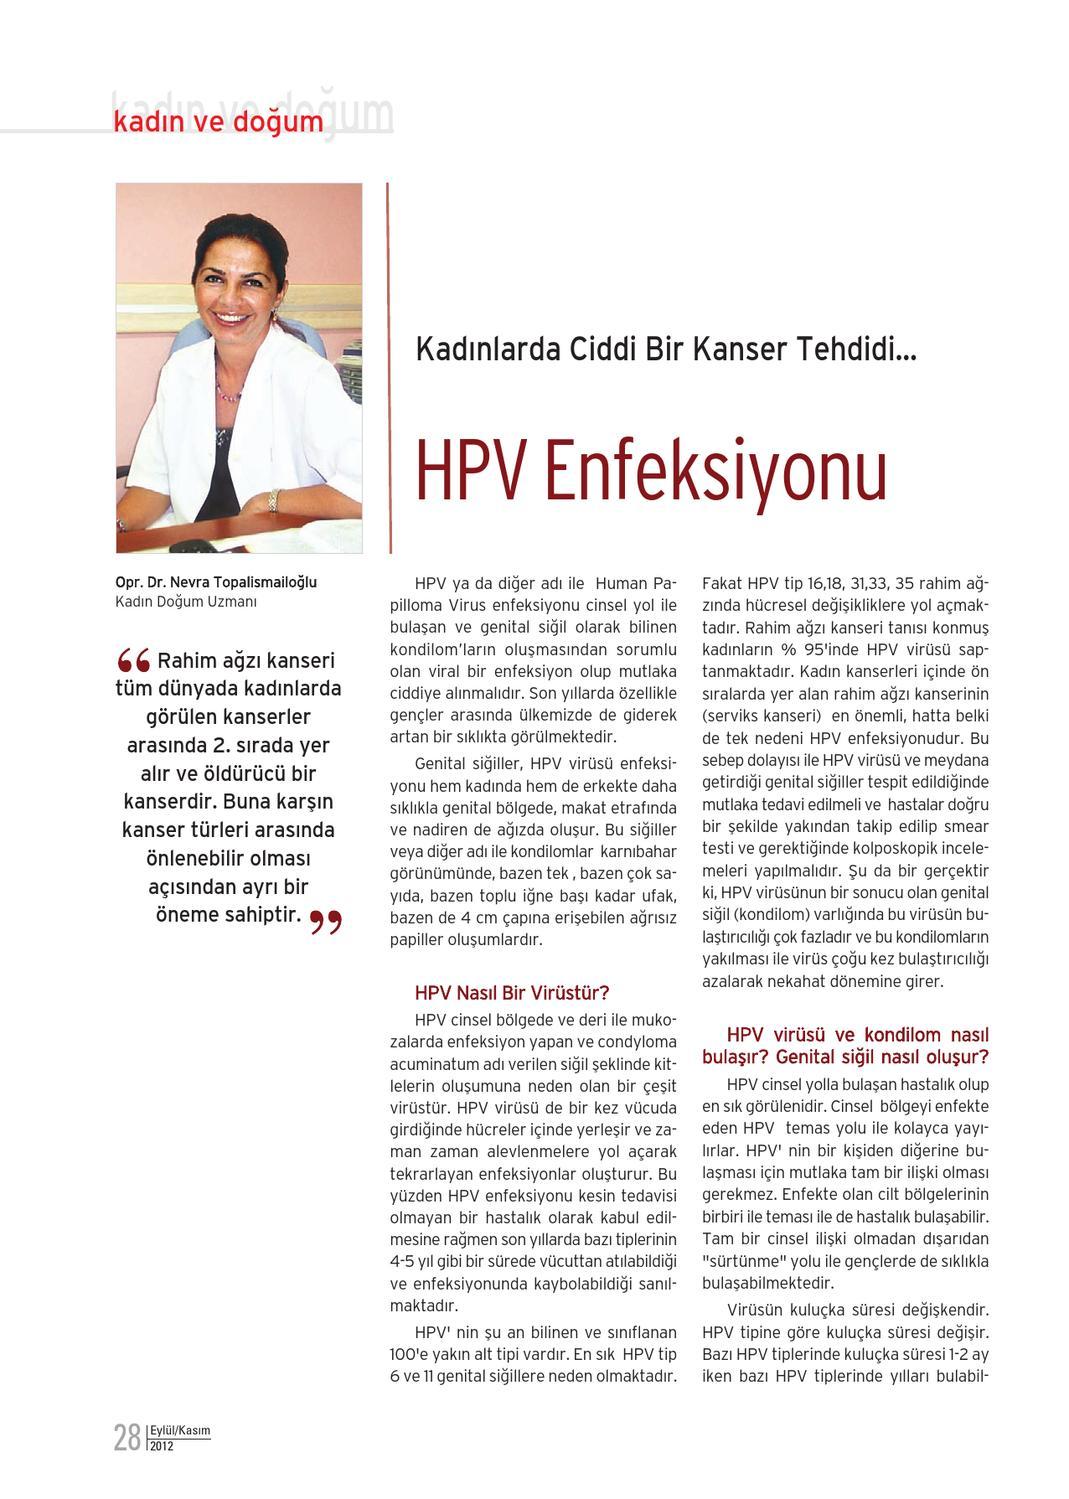 Papillomavirus positif traitement, Traducerea «vulvaire» în 25 de limbi